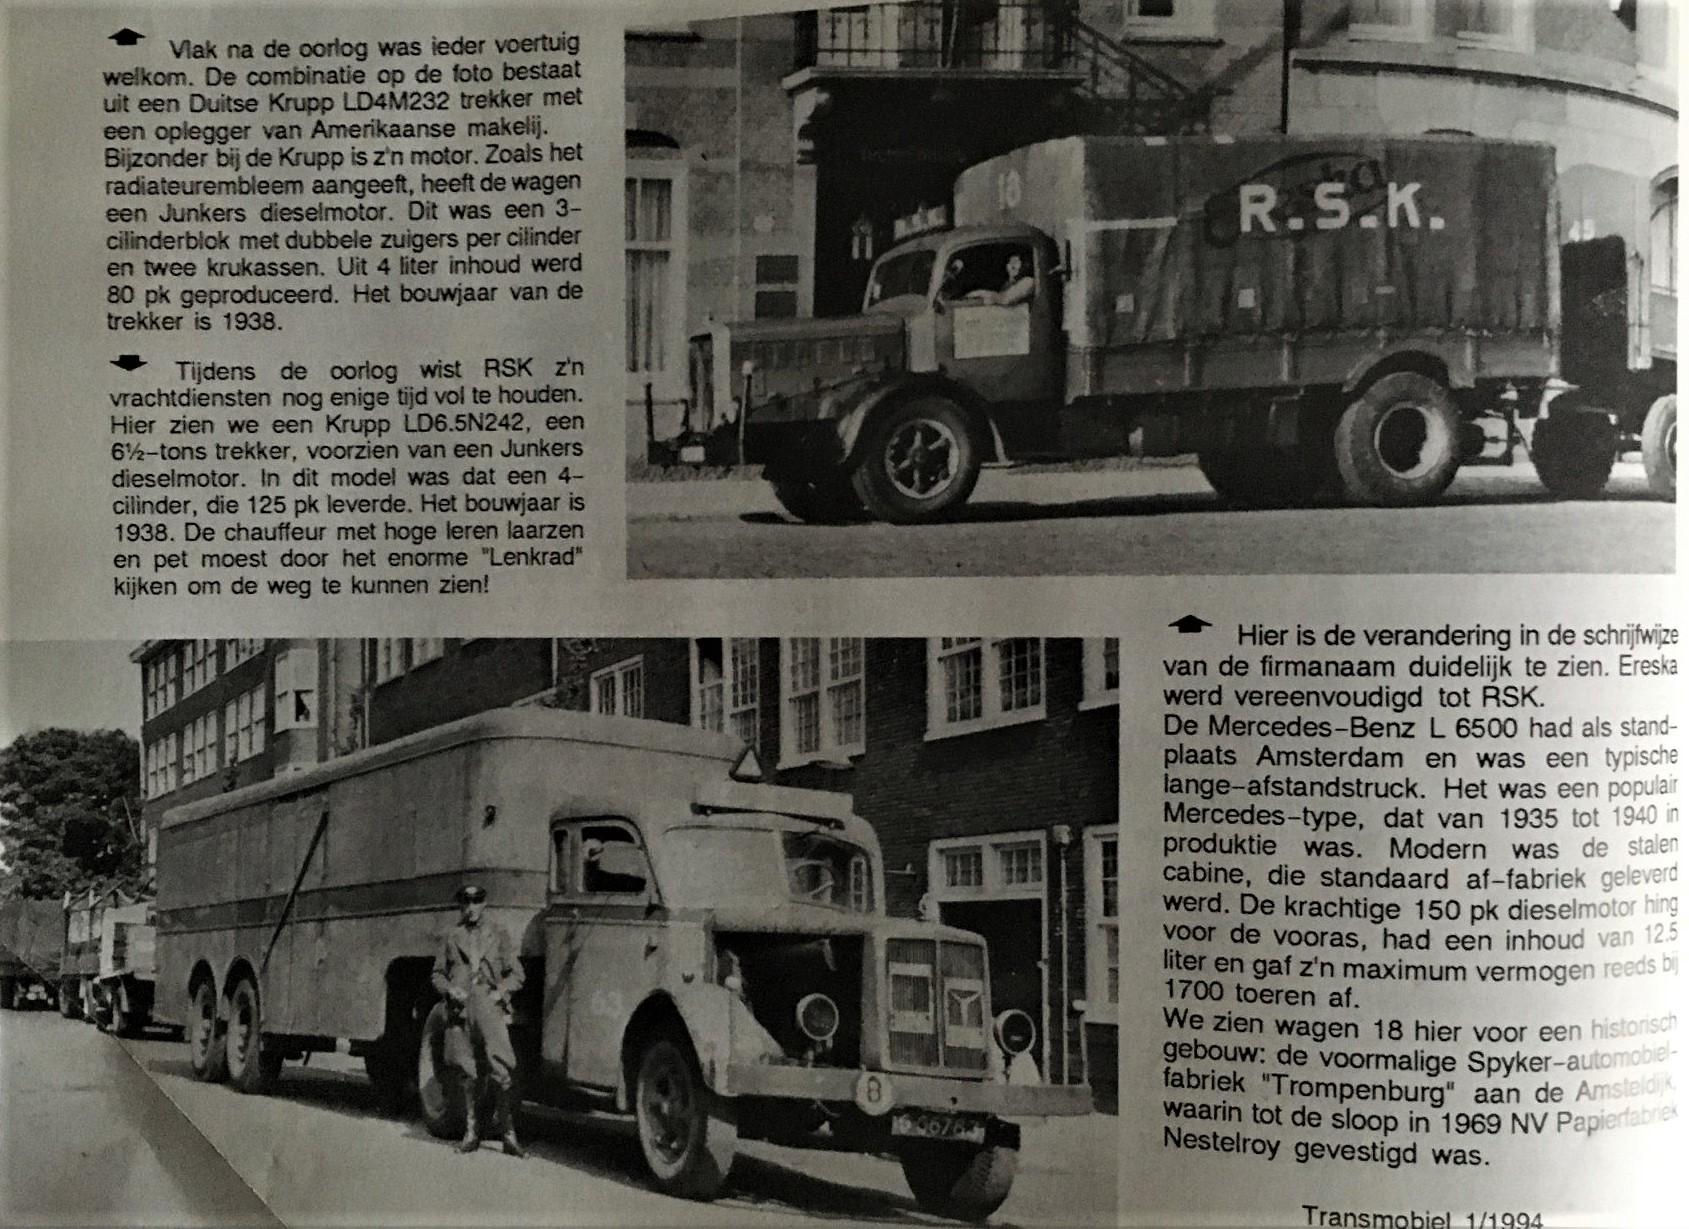 Historie-archief-Rudi-Zemann-ingezonden-door-Loe-Schellingen-7